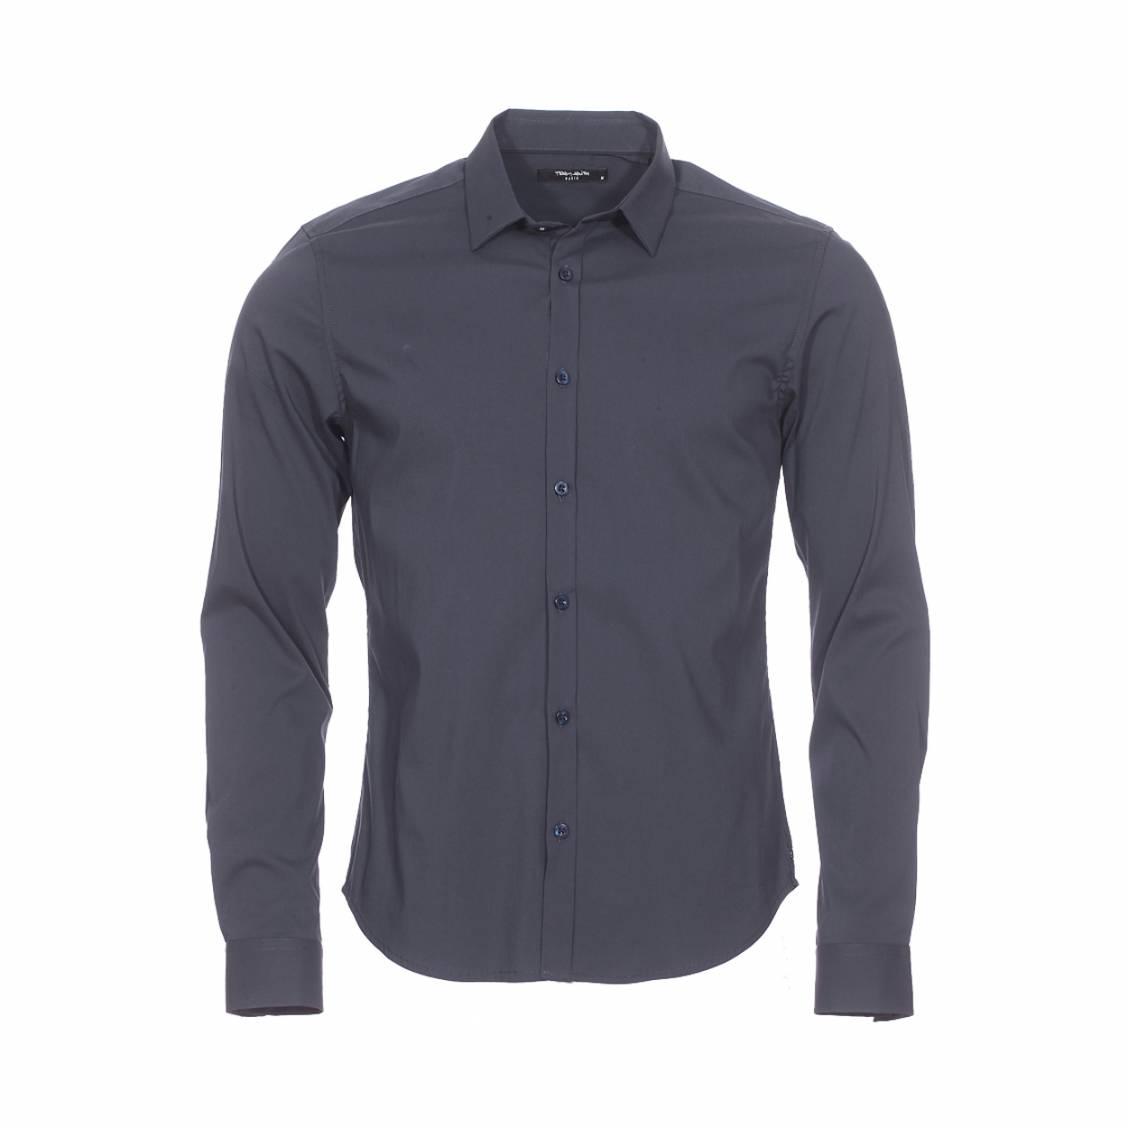 Chemise ajustée Teddy Smith en coton mélangé bleu nuit